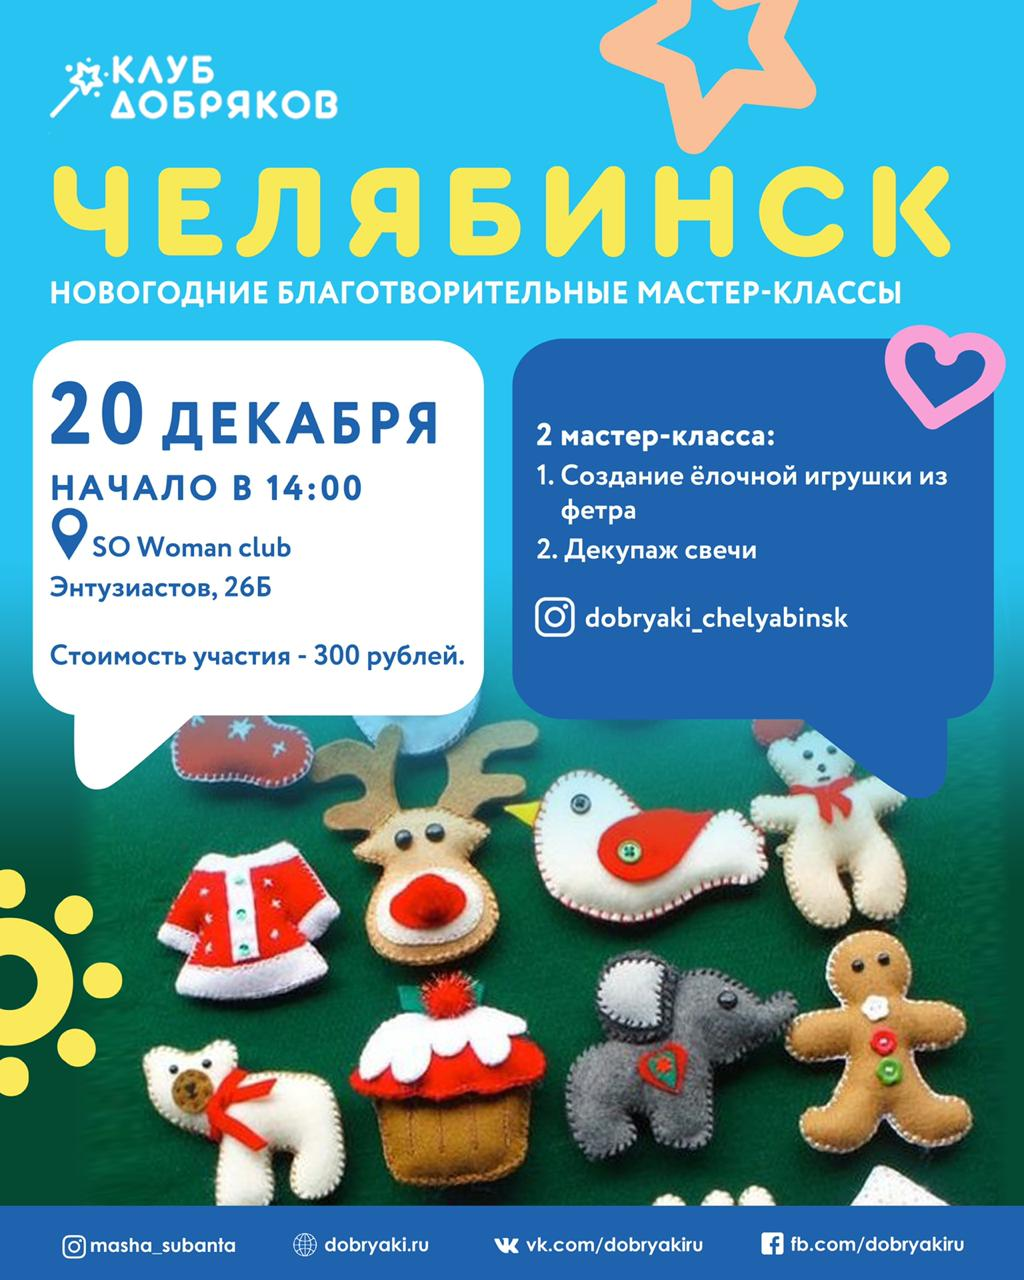 Новогодние благотворительные мастер-классы в Челябинске